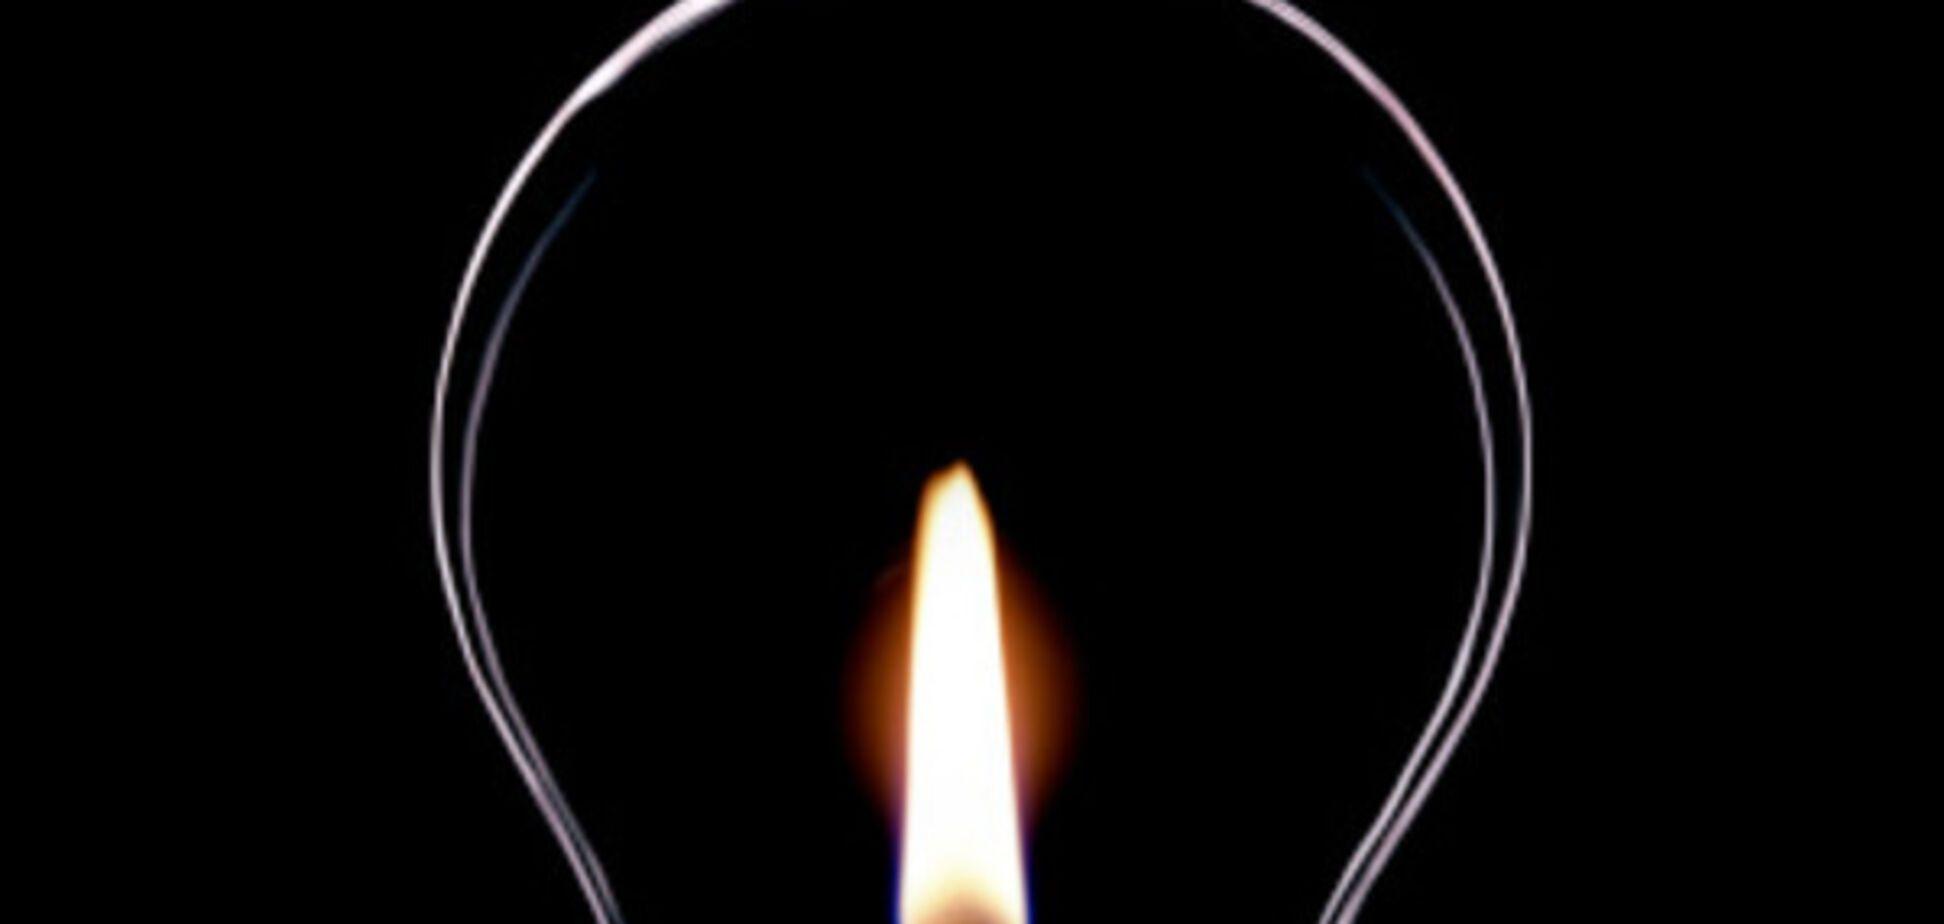 Доблокувалися: Кабмін запровадив режим надзвичайного стану на ринку електроенергії